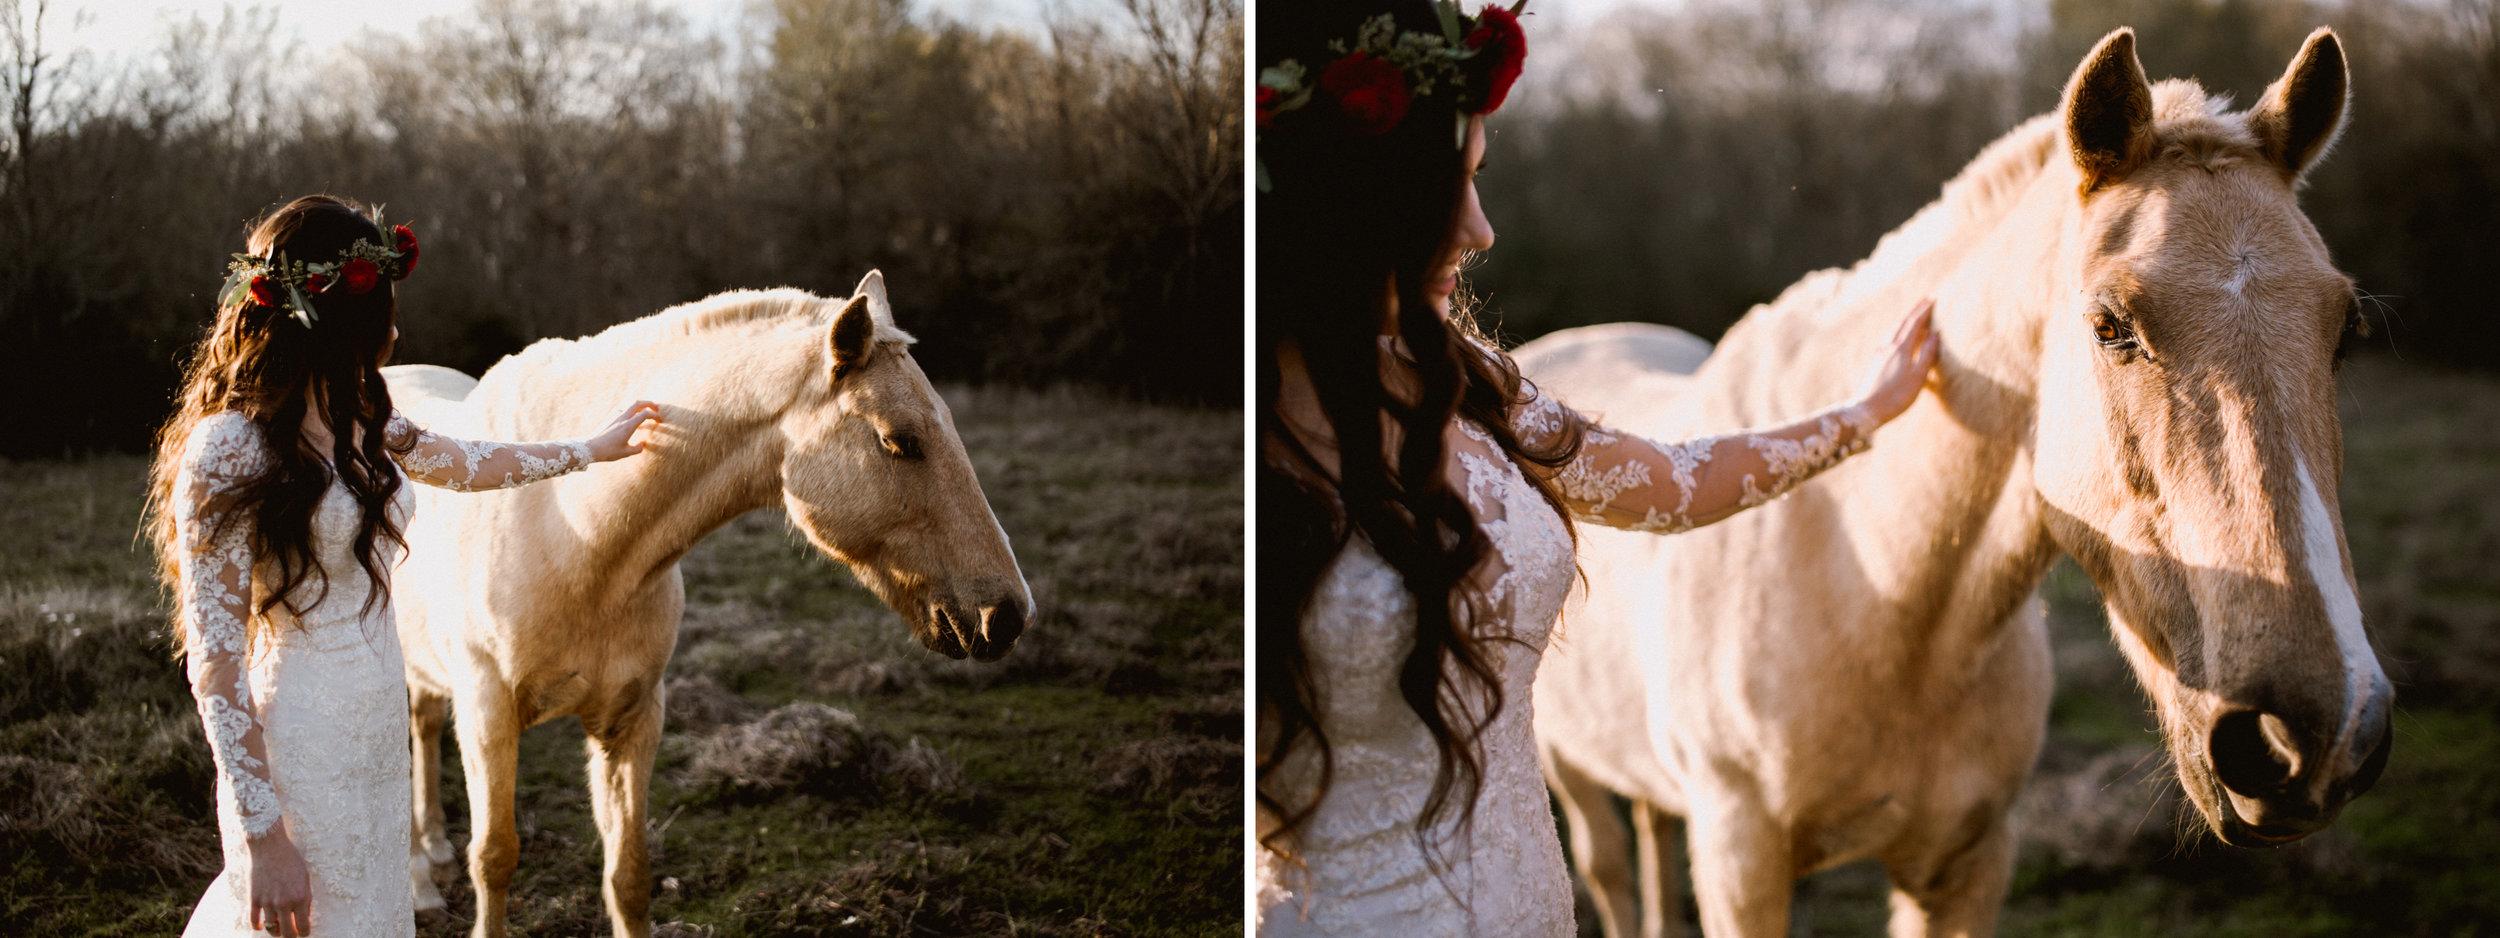 karah the horse whisperer.jpg